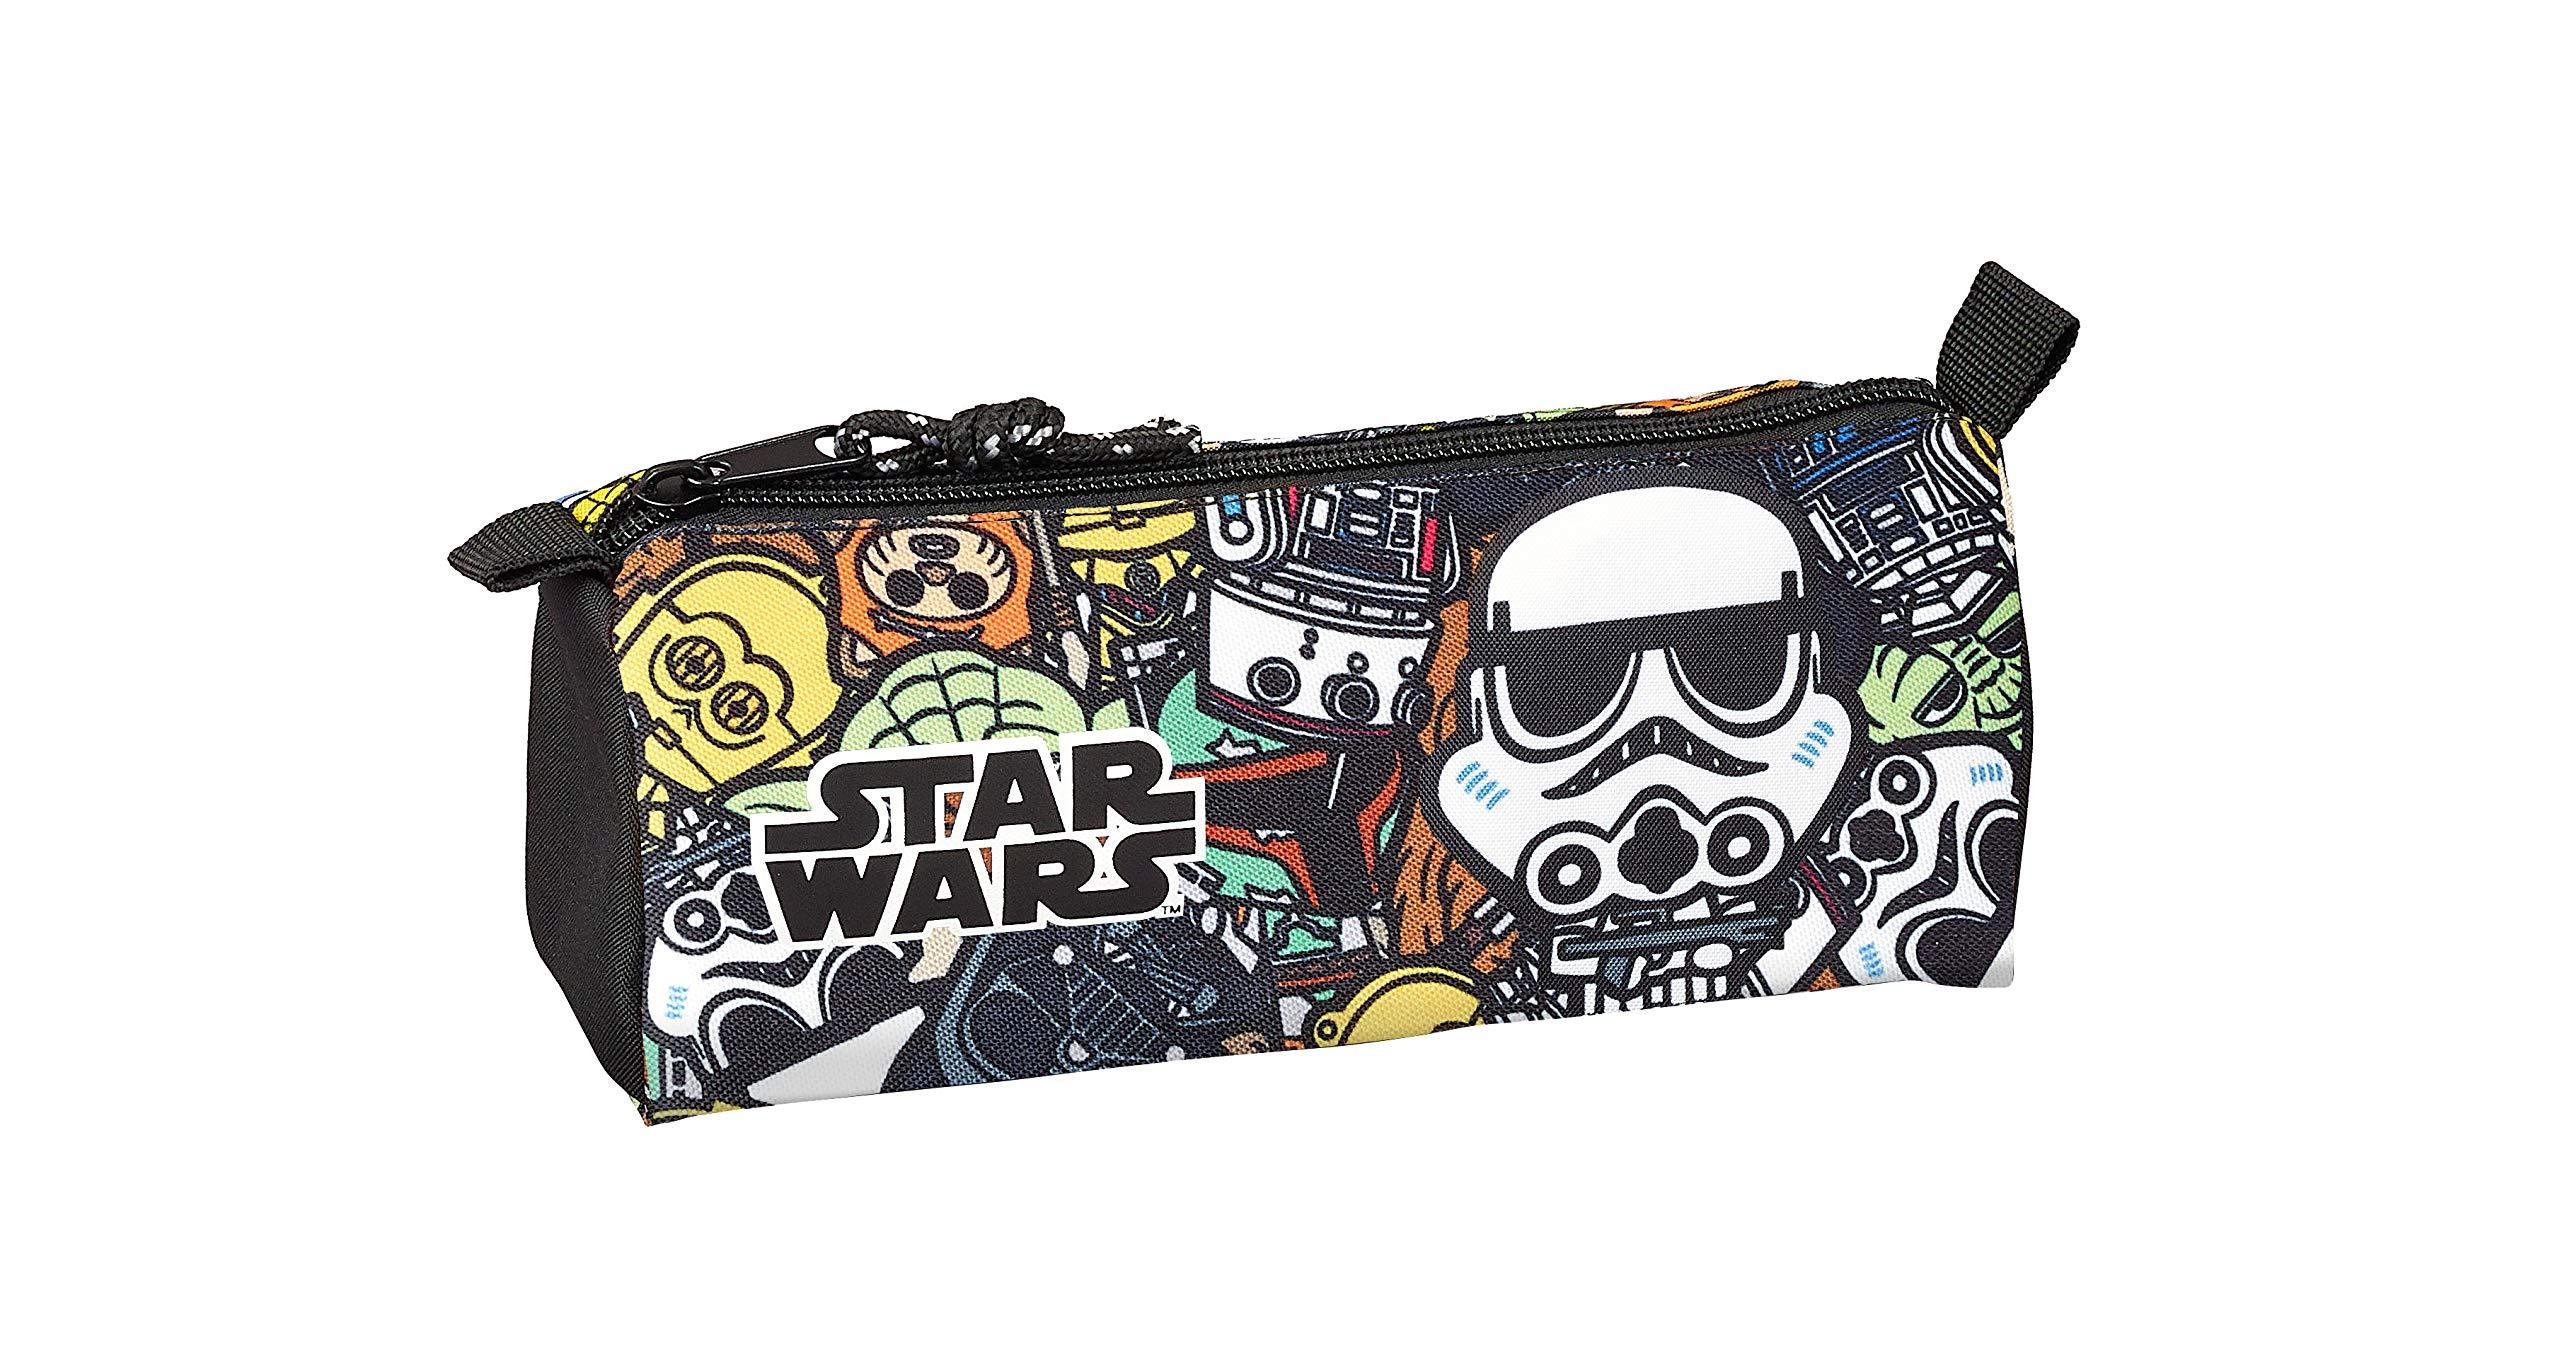 Star Wars Galaxy Oficial Estuche Escolar 210x70x80mm